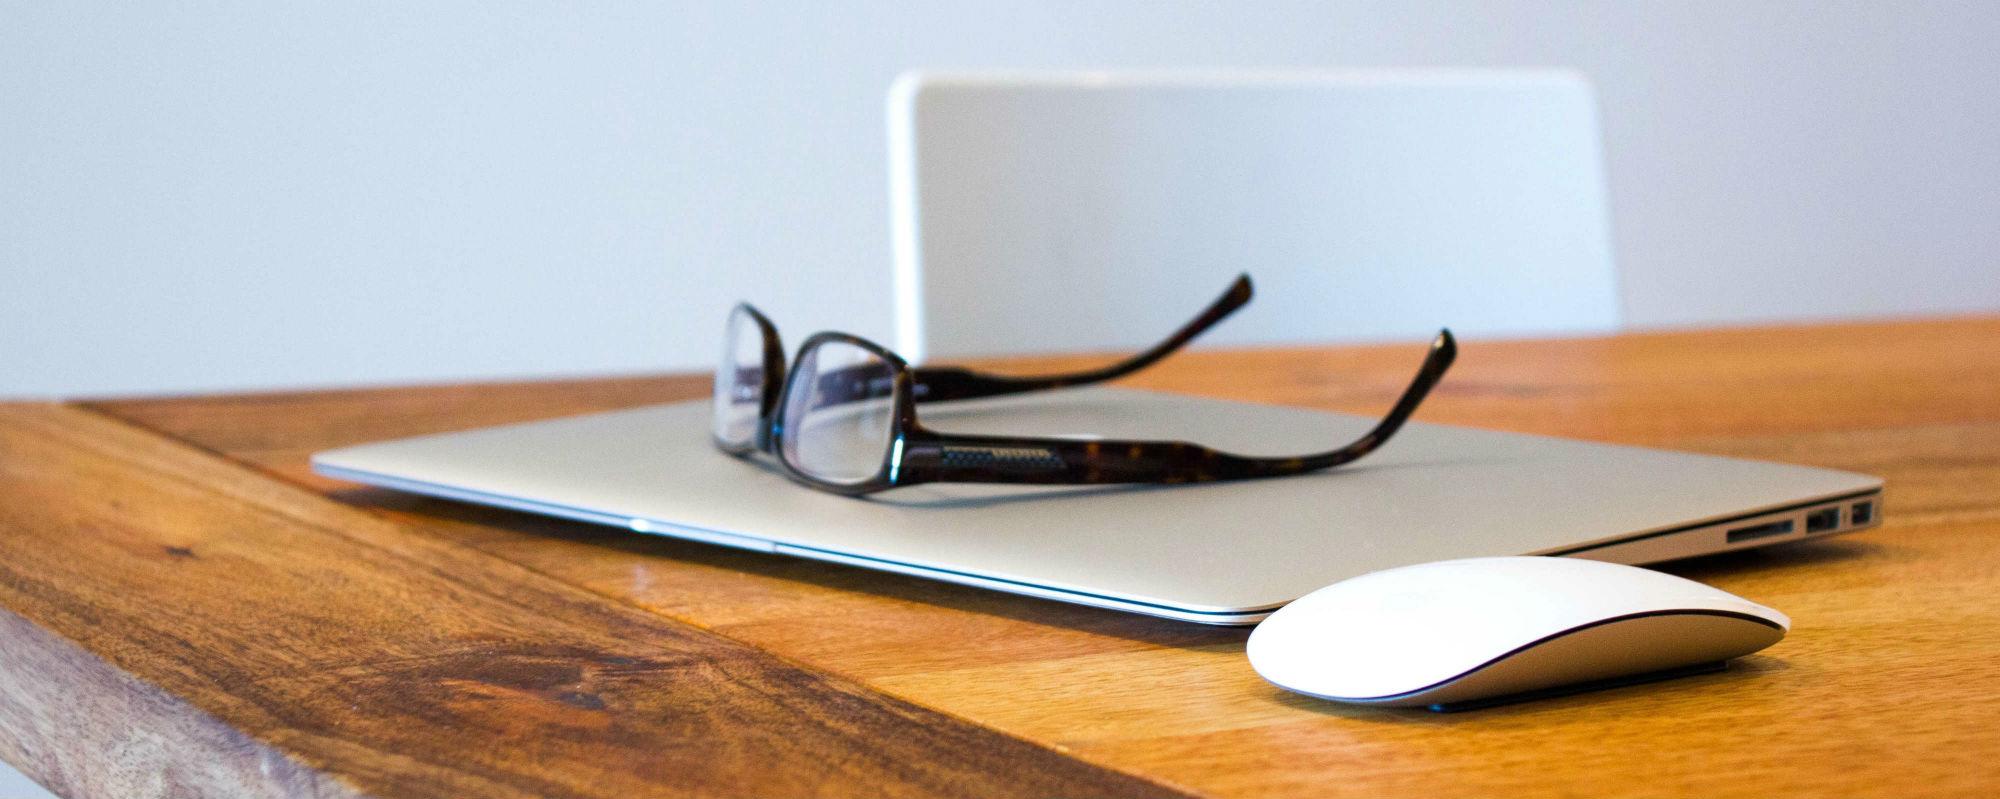 Credicon tar fram digitala strategier för företag och organisationer.